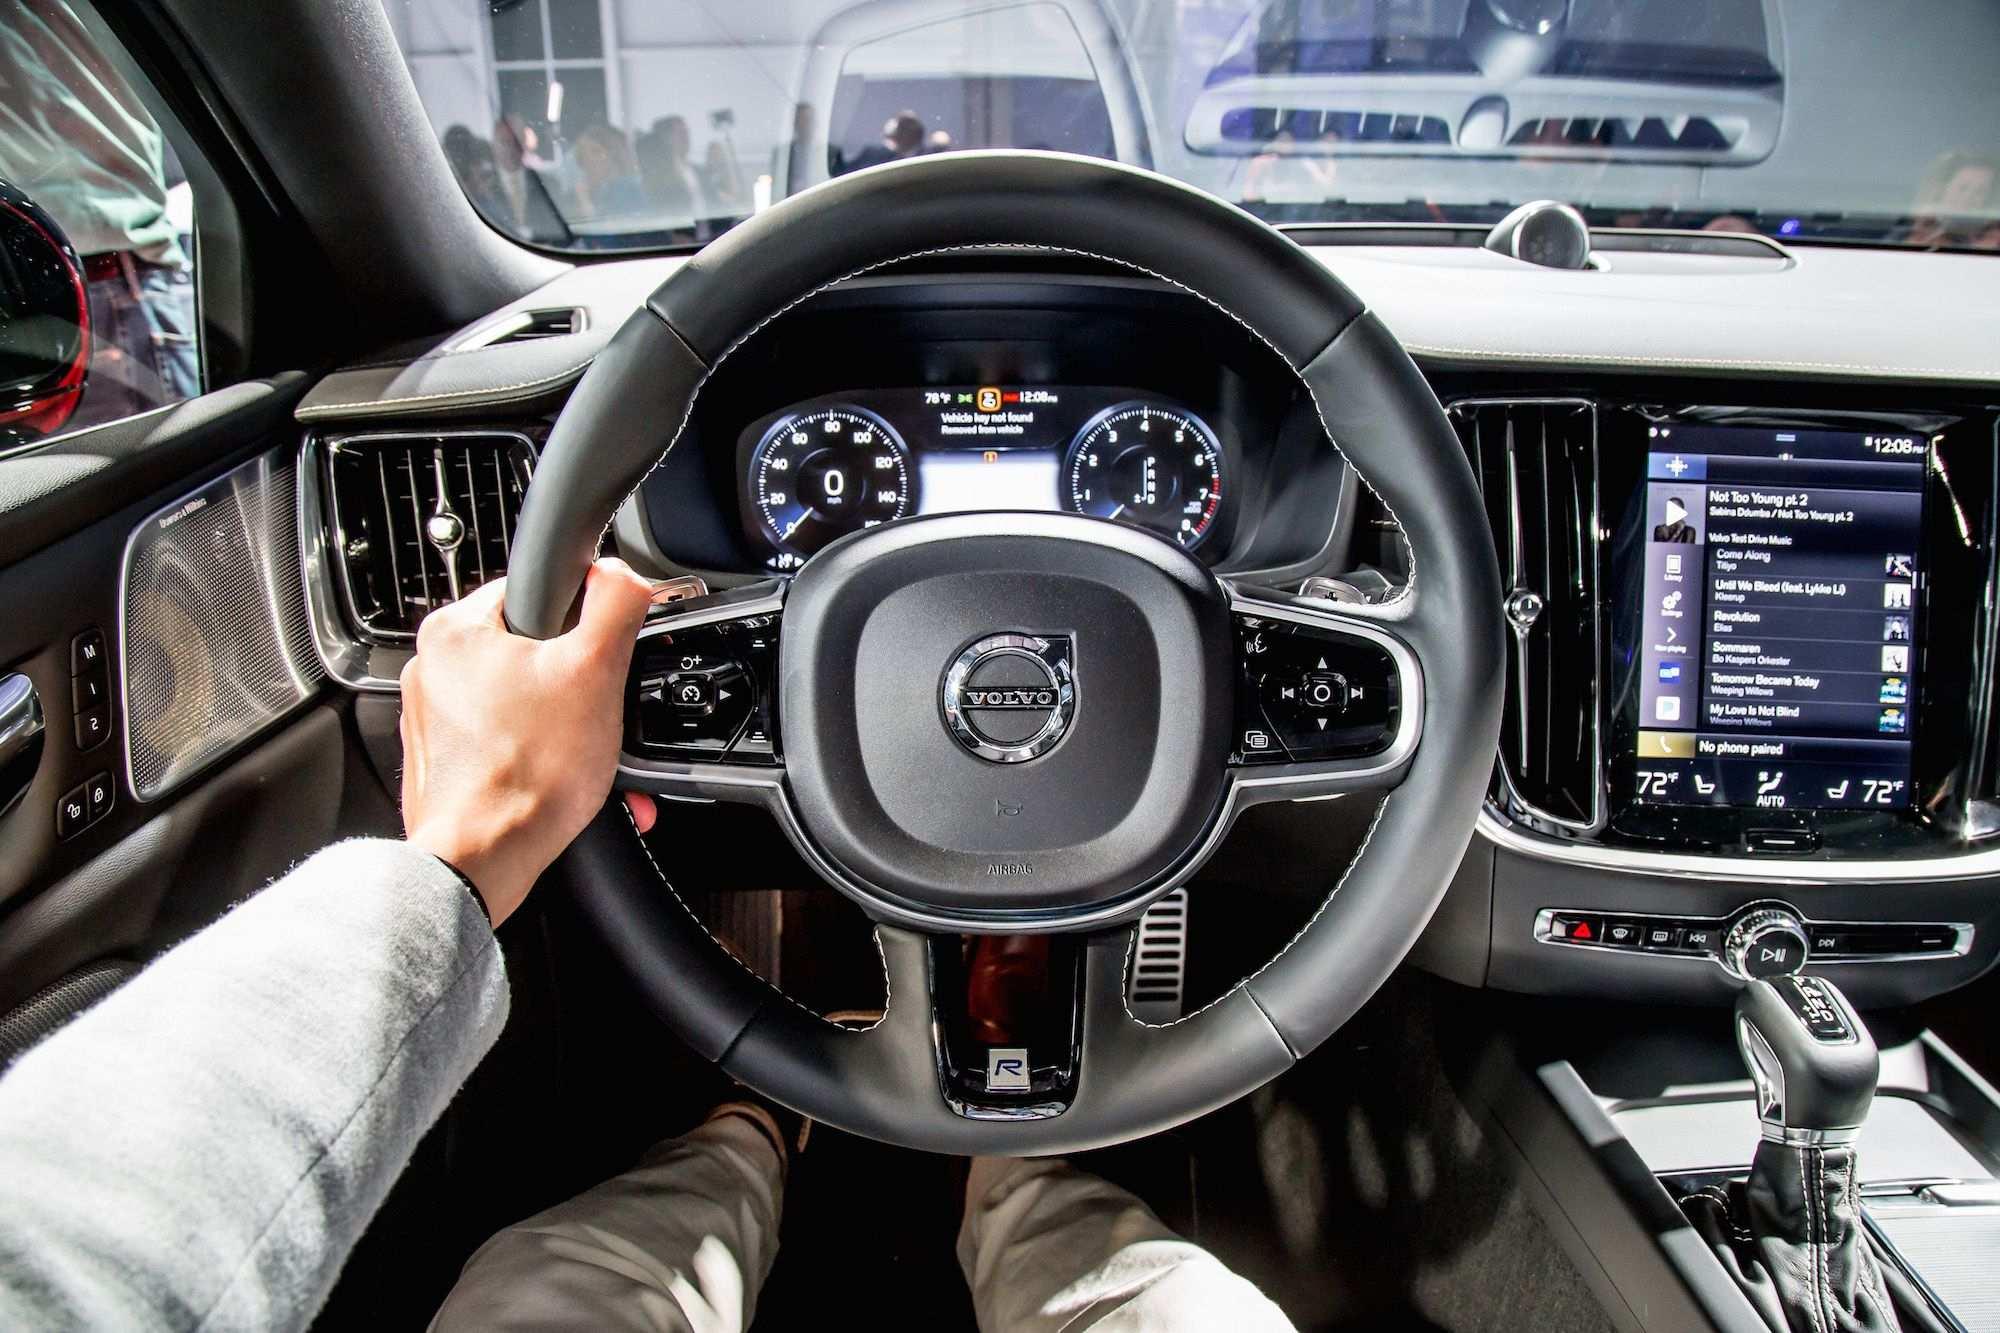 53 New Volvo S60 2019 Interior Picture by Volvo S60 2019 Interior